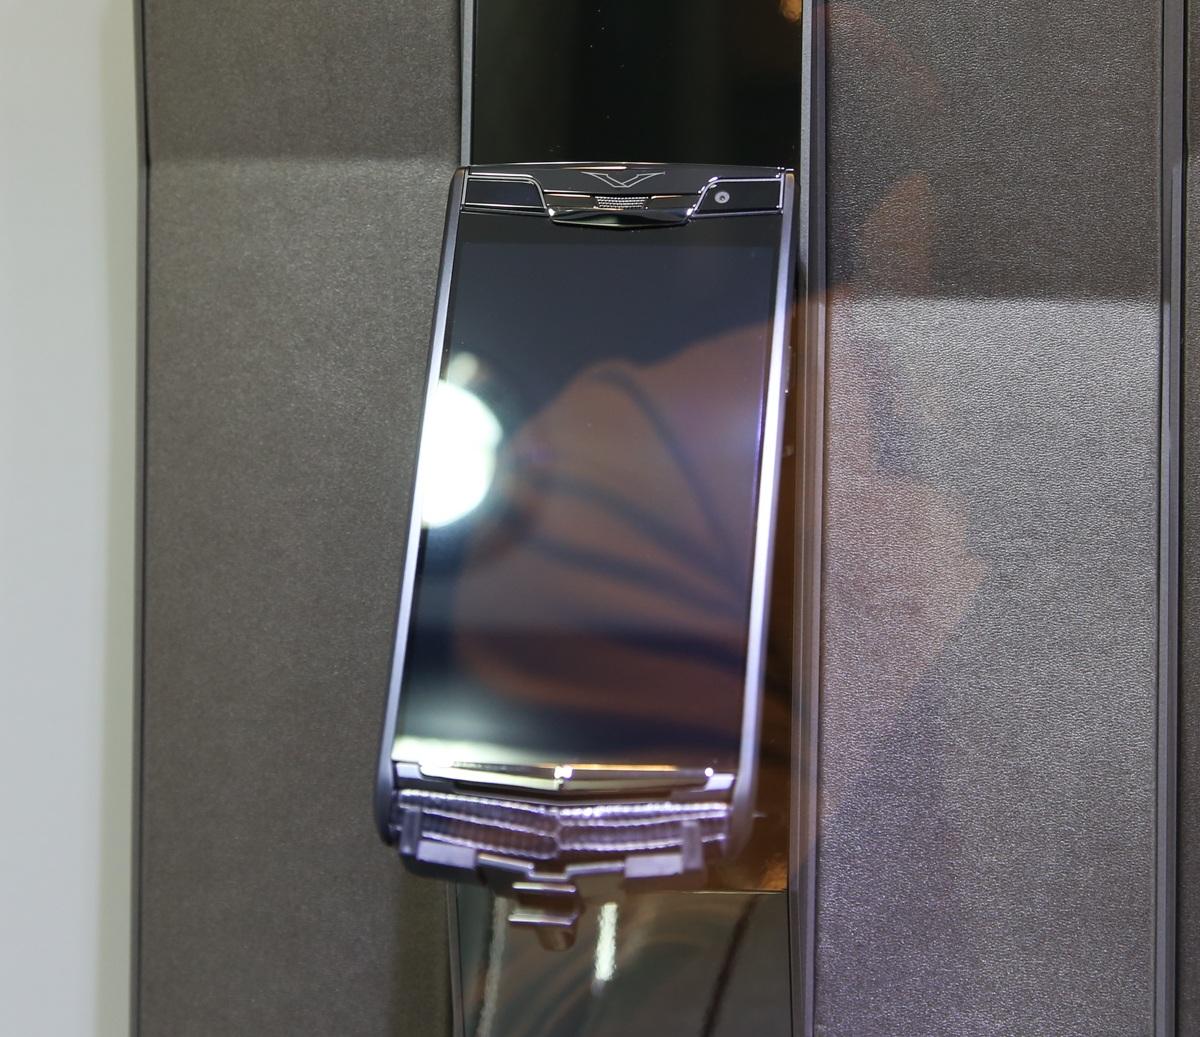 Mặt trước với màn hình5.2 inch độ phân giải Full-HD,được bảo vệ bằng một tấm kính làm từ đá ngọc bích thế hệ thứ 5 với tổng trọng lượng 130 carat